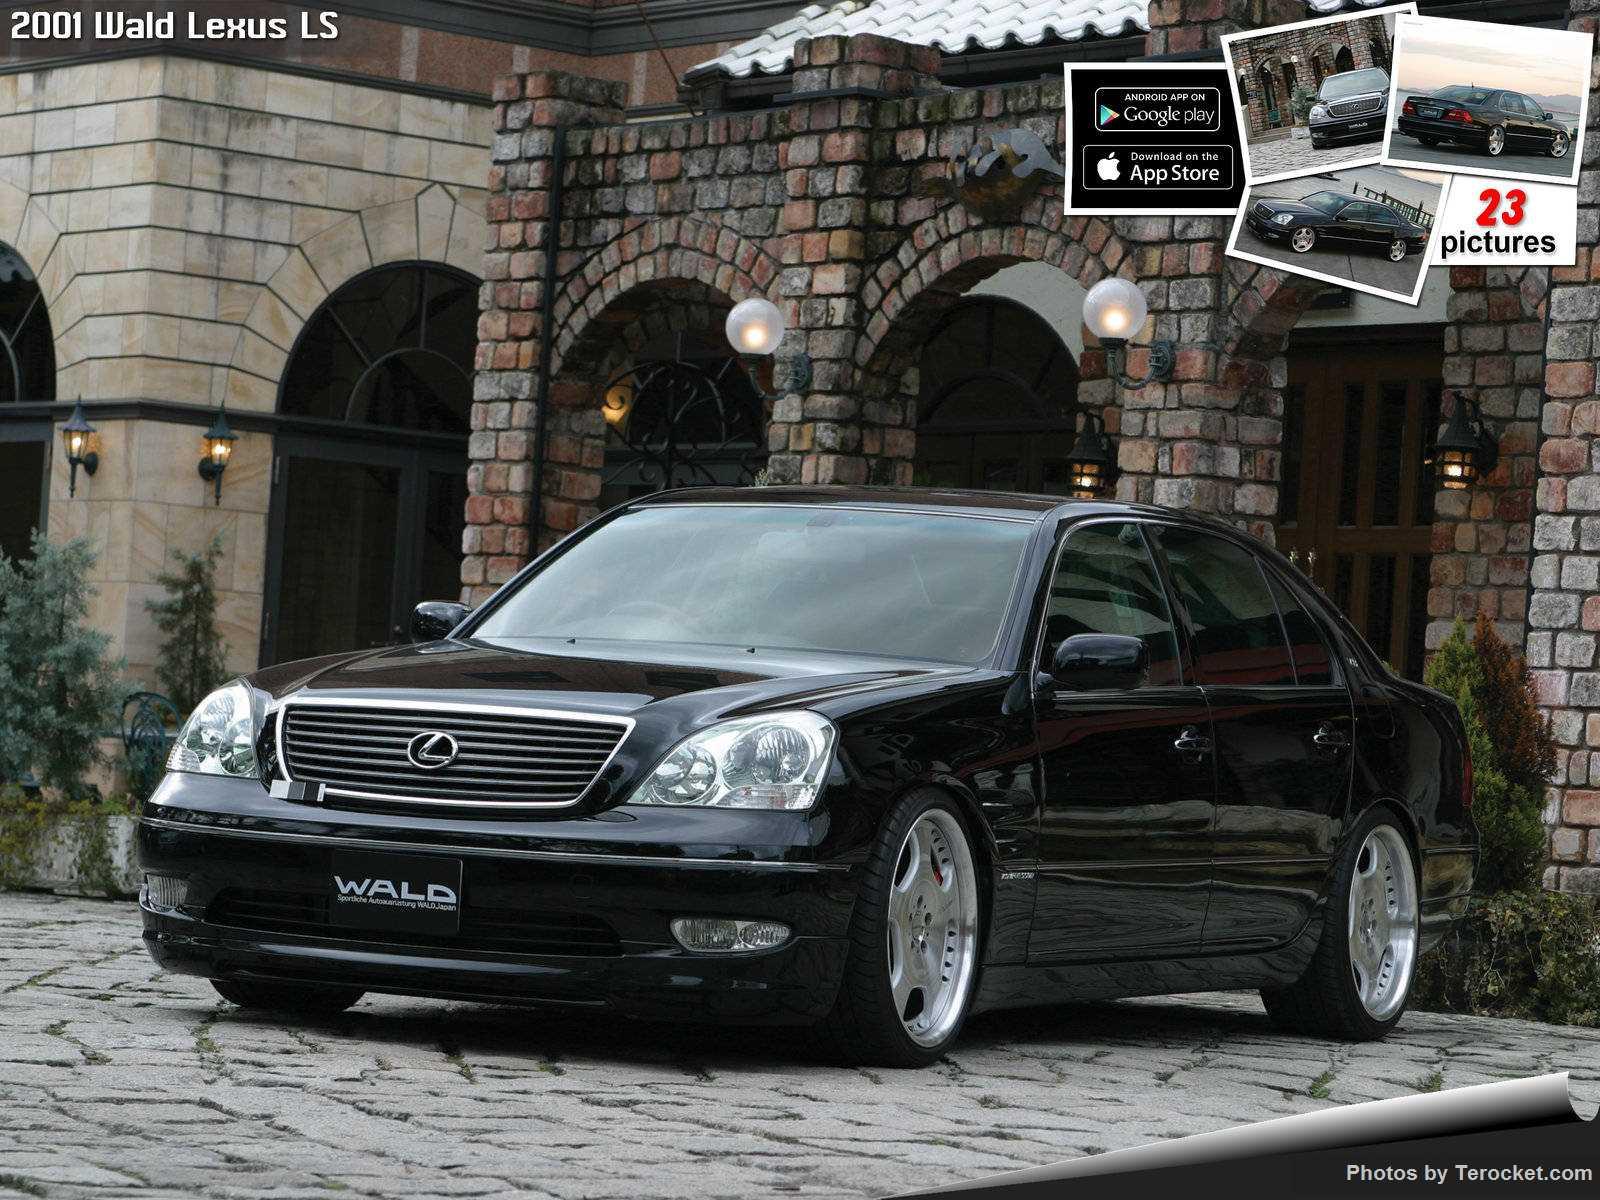 Hình ảnh xe độ Wald Lexus LS 2001 & nội ngoại thất